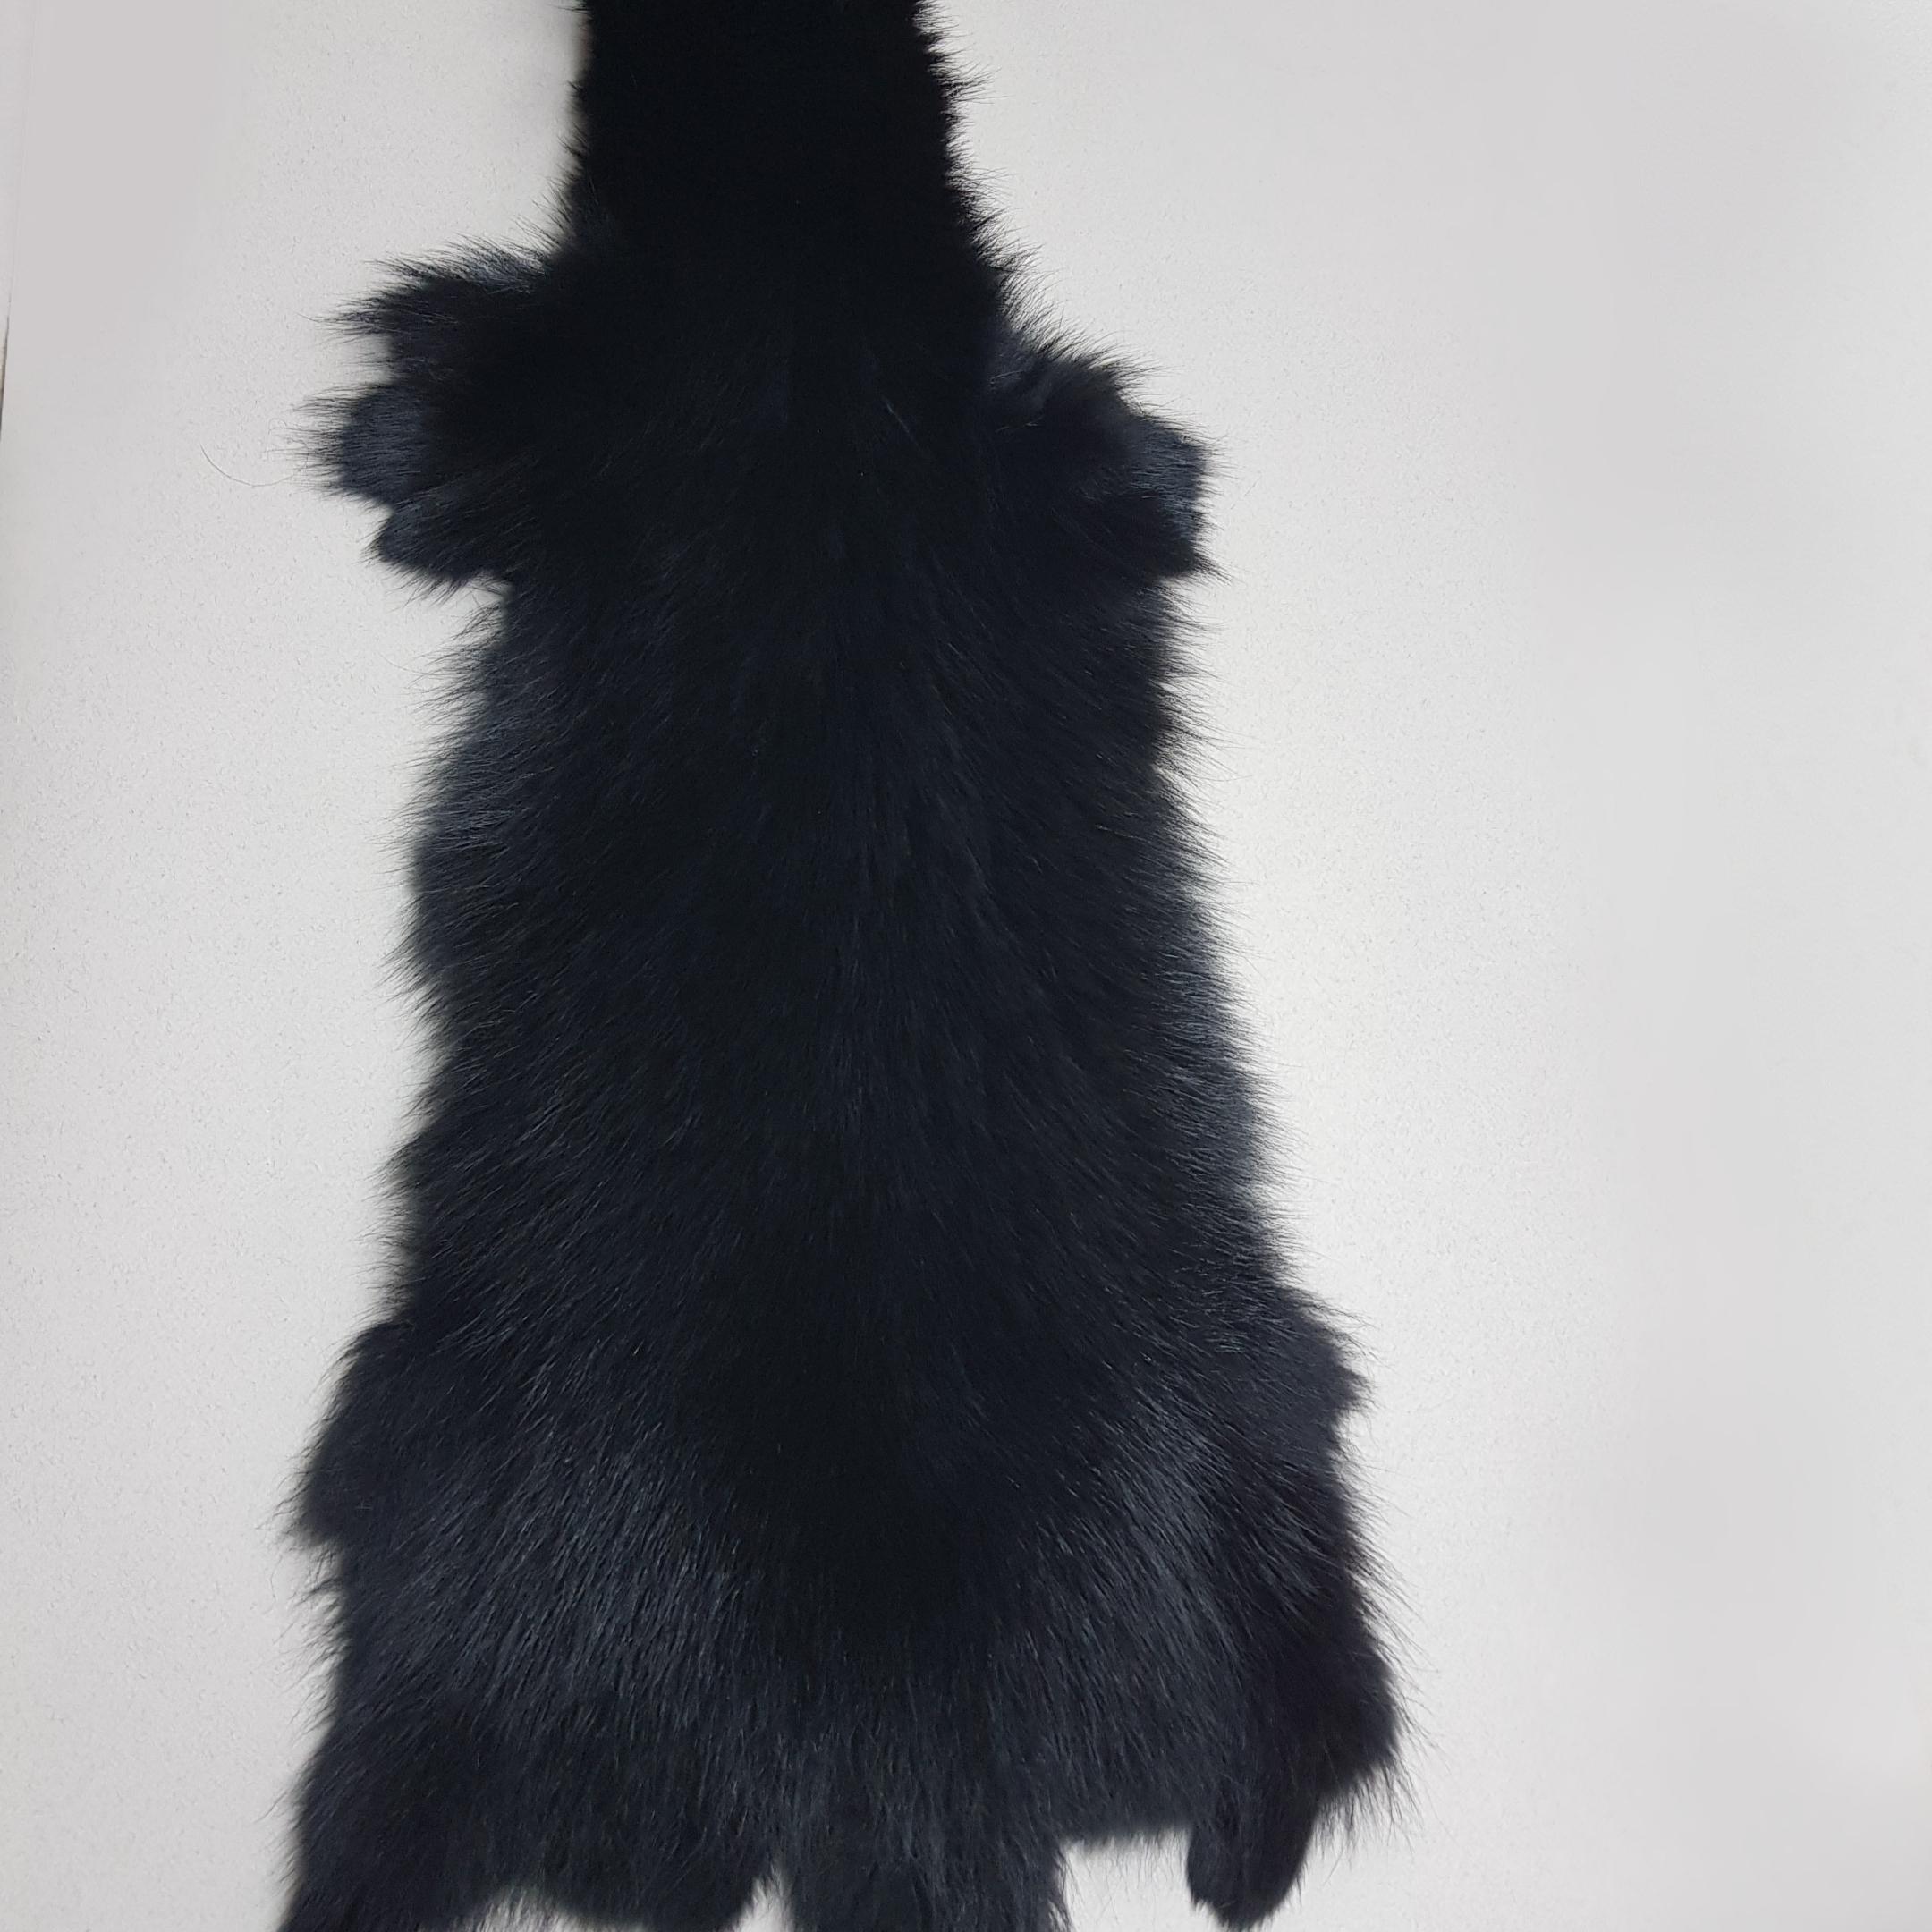 Енотовидная собака черная